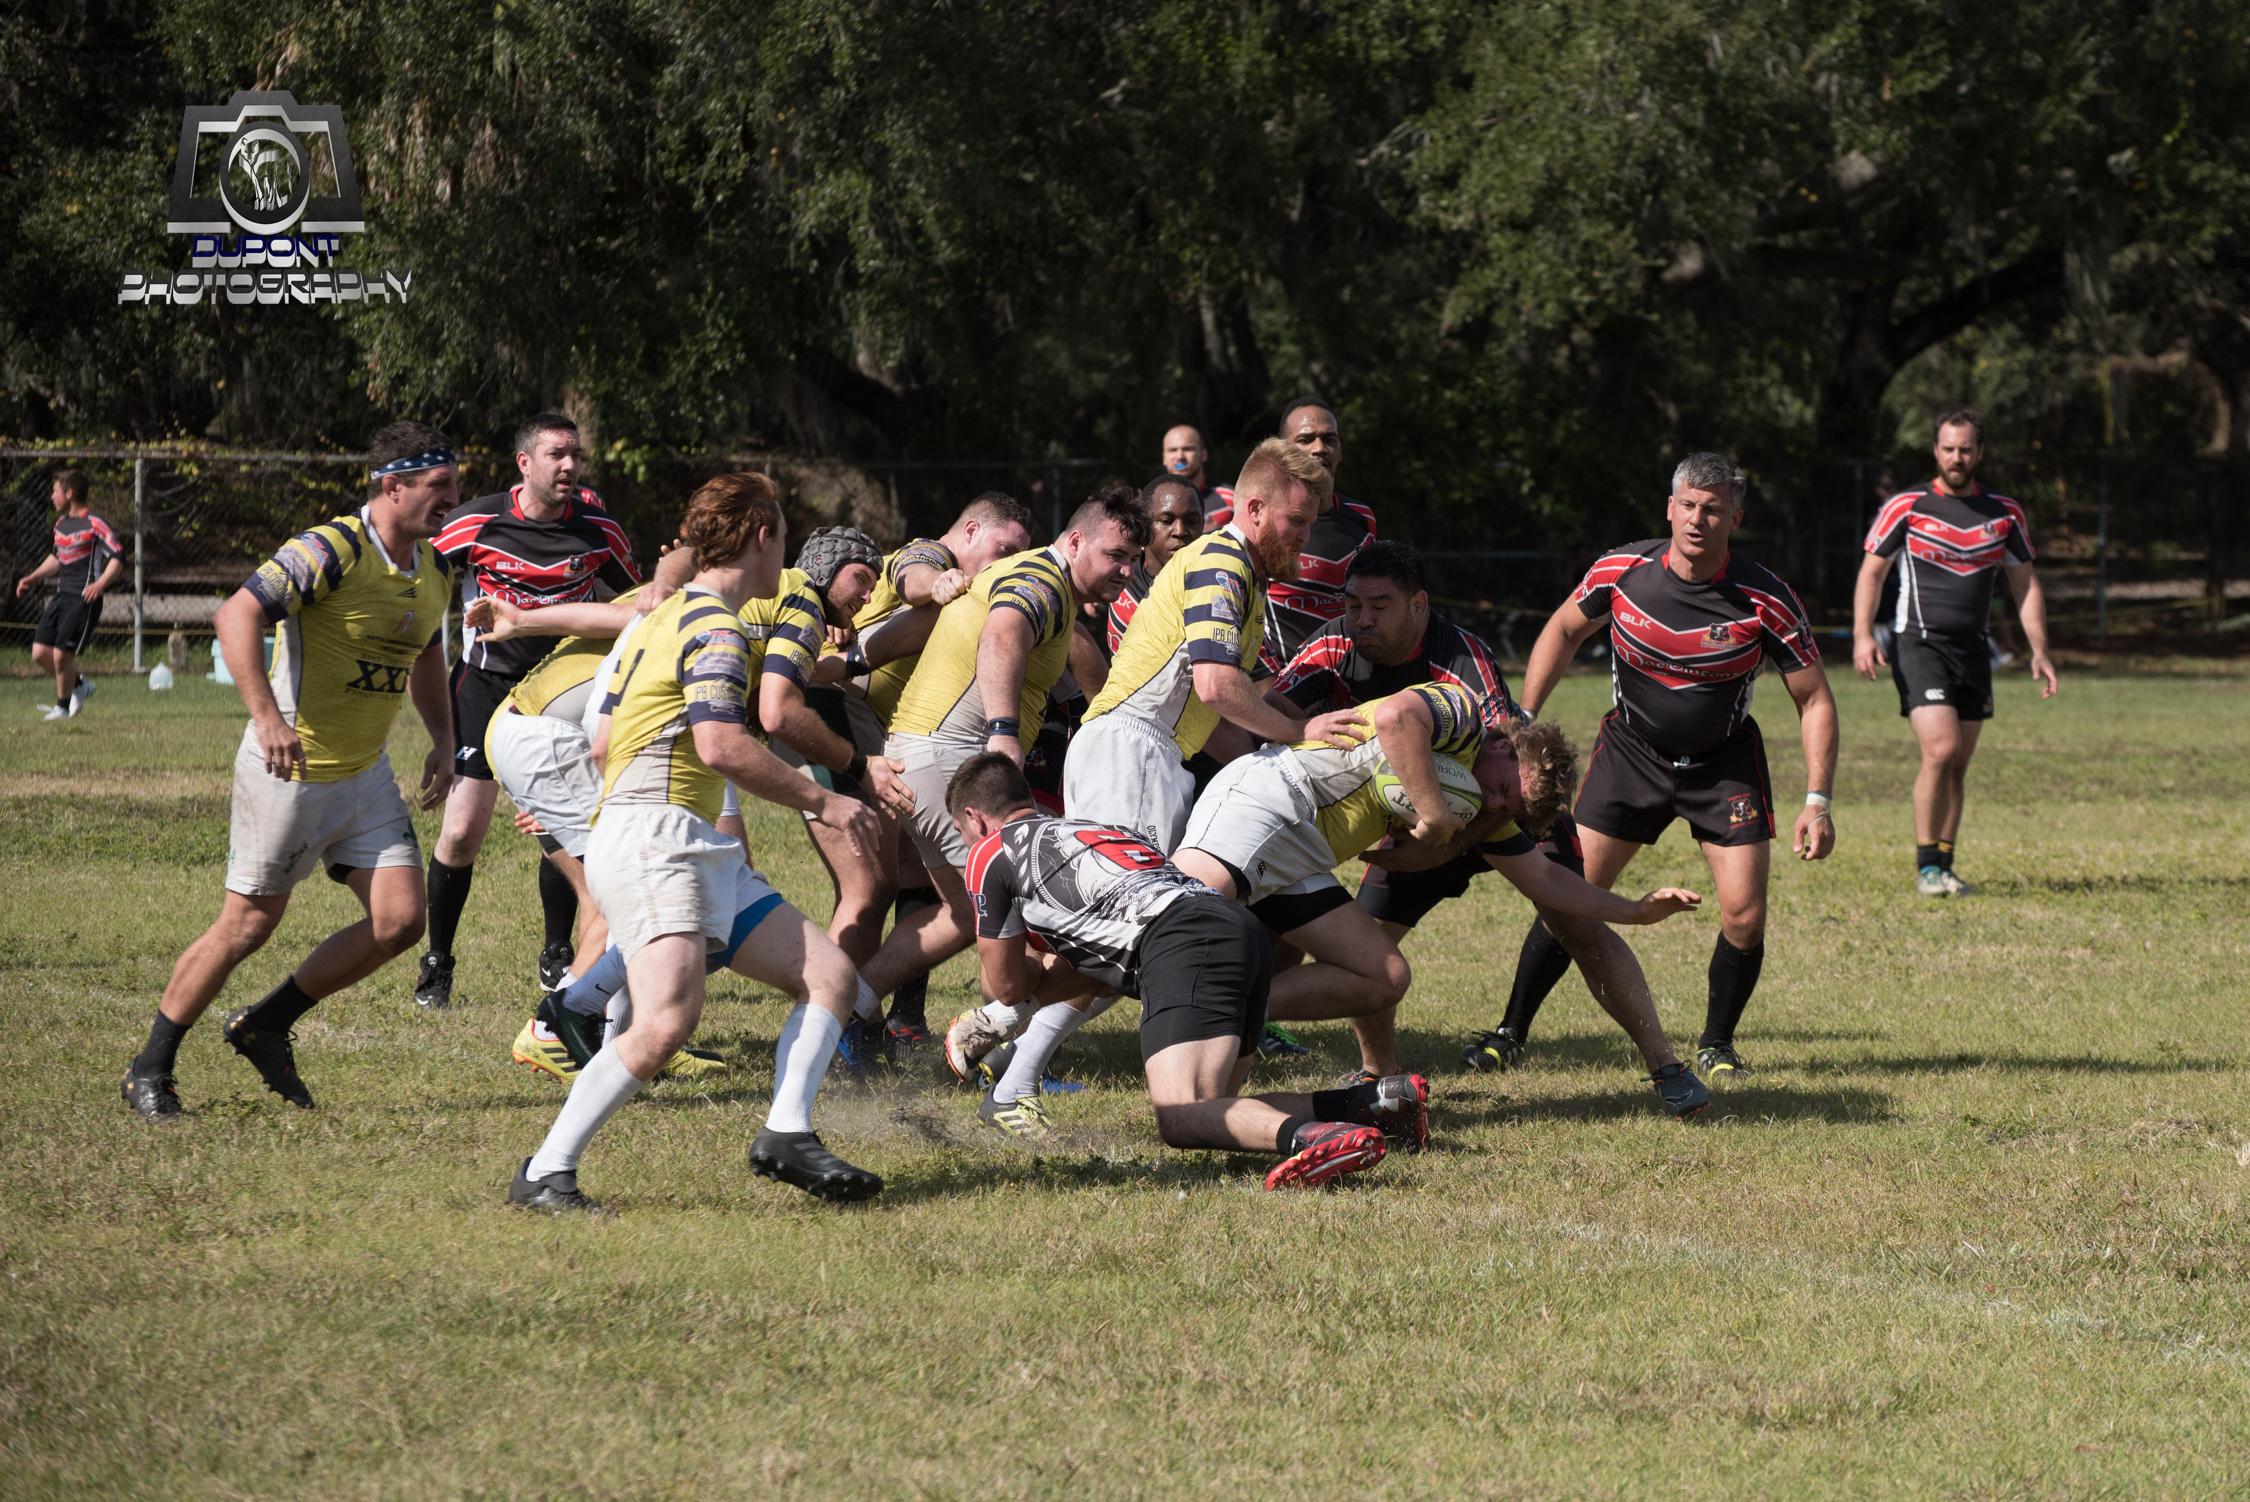 2019-01-19 Rugby-521-14.jpg